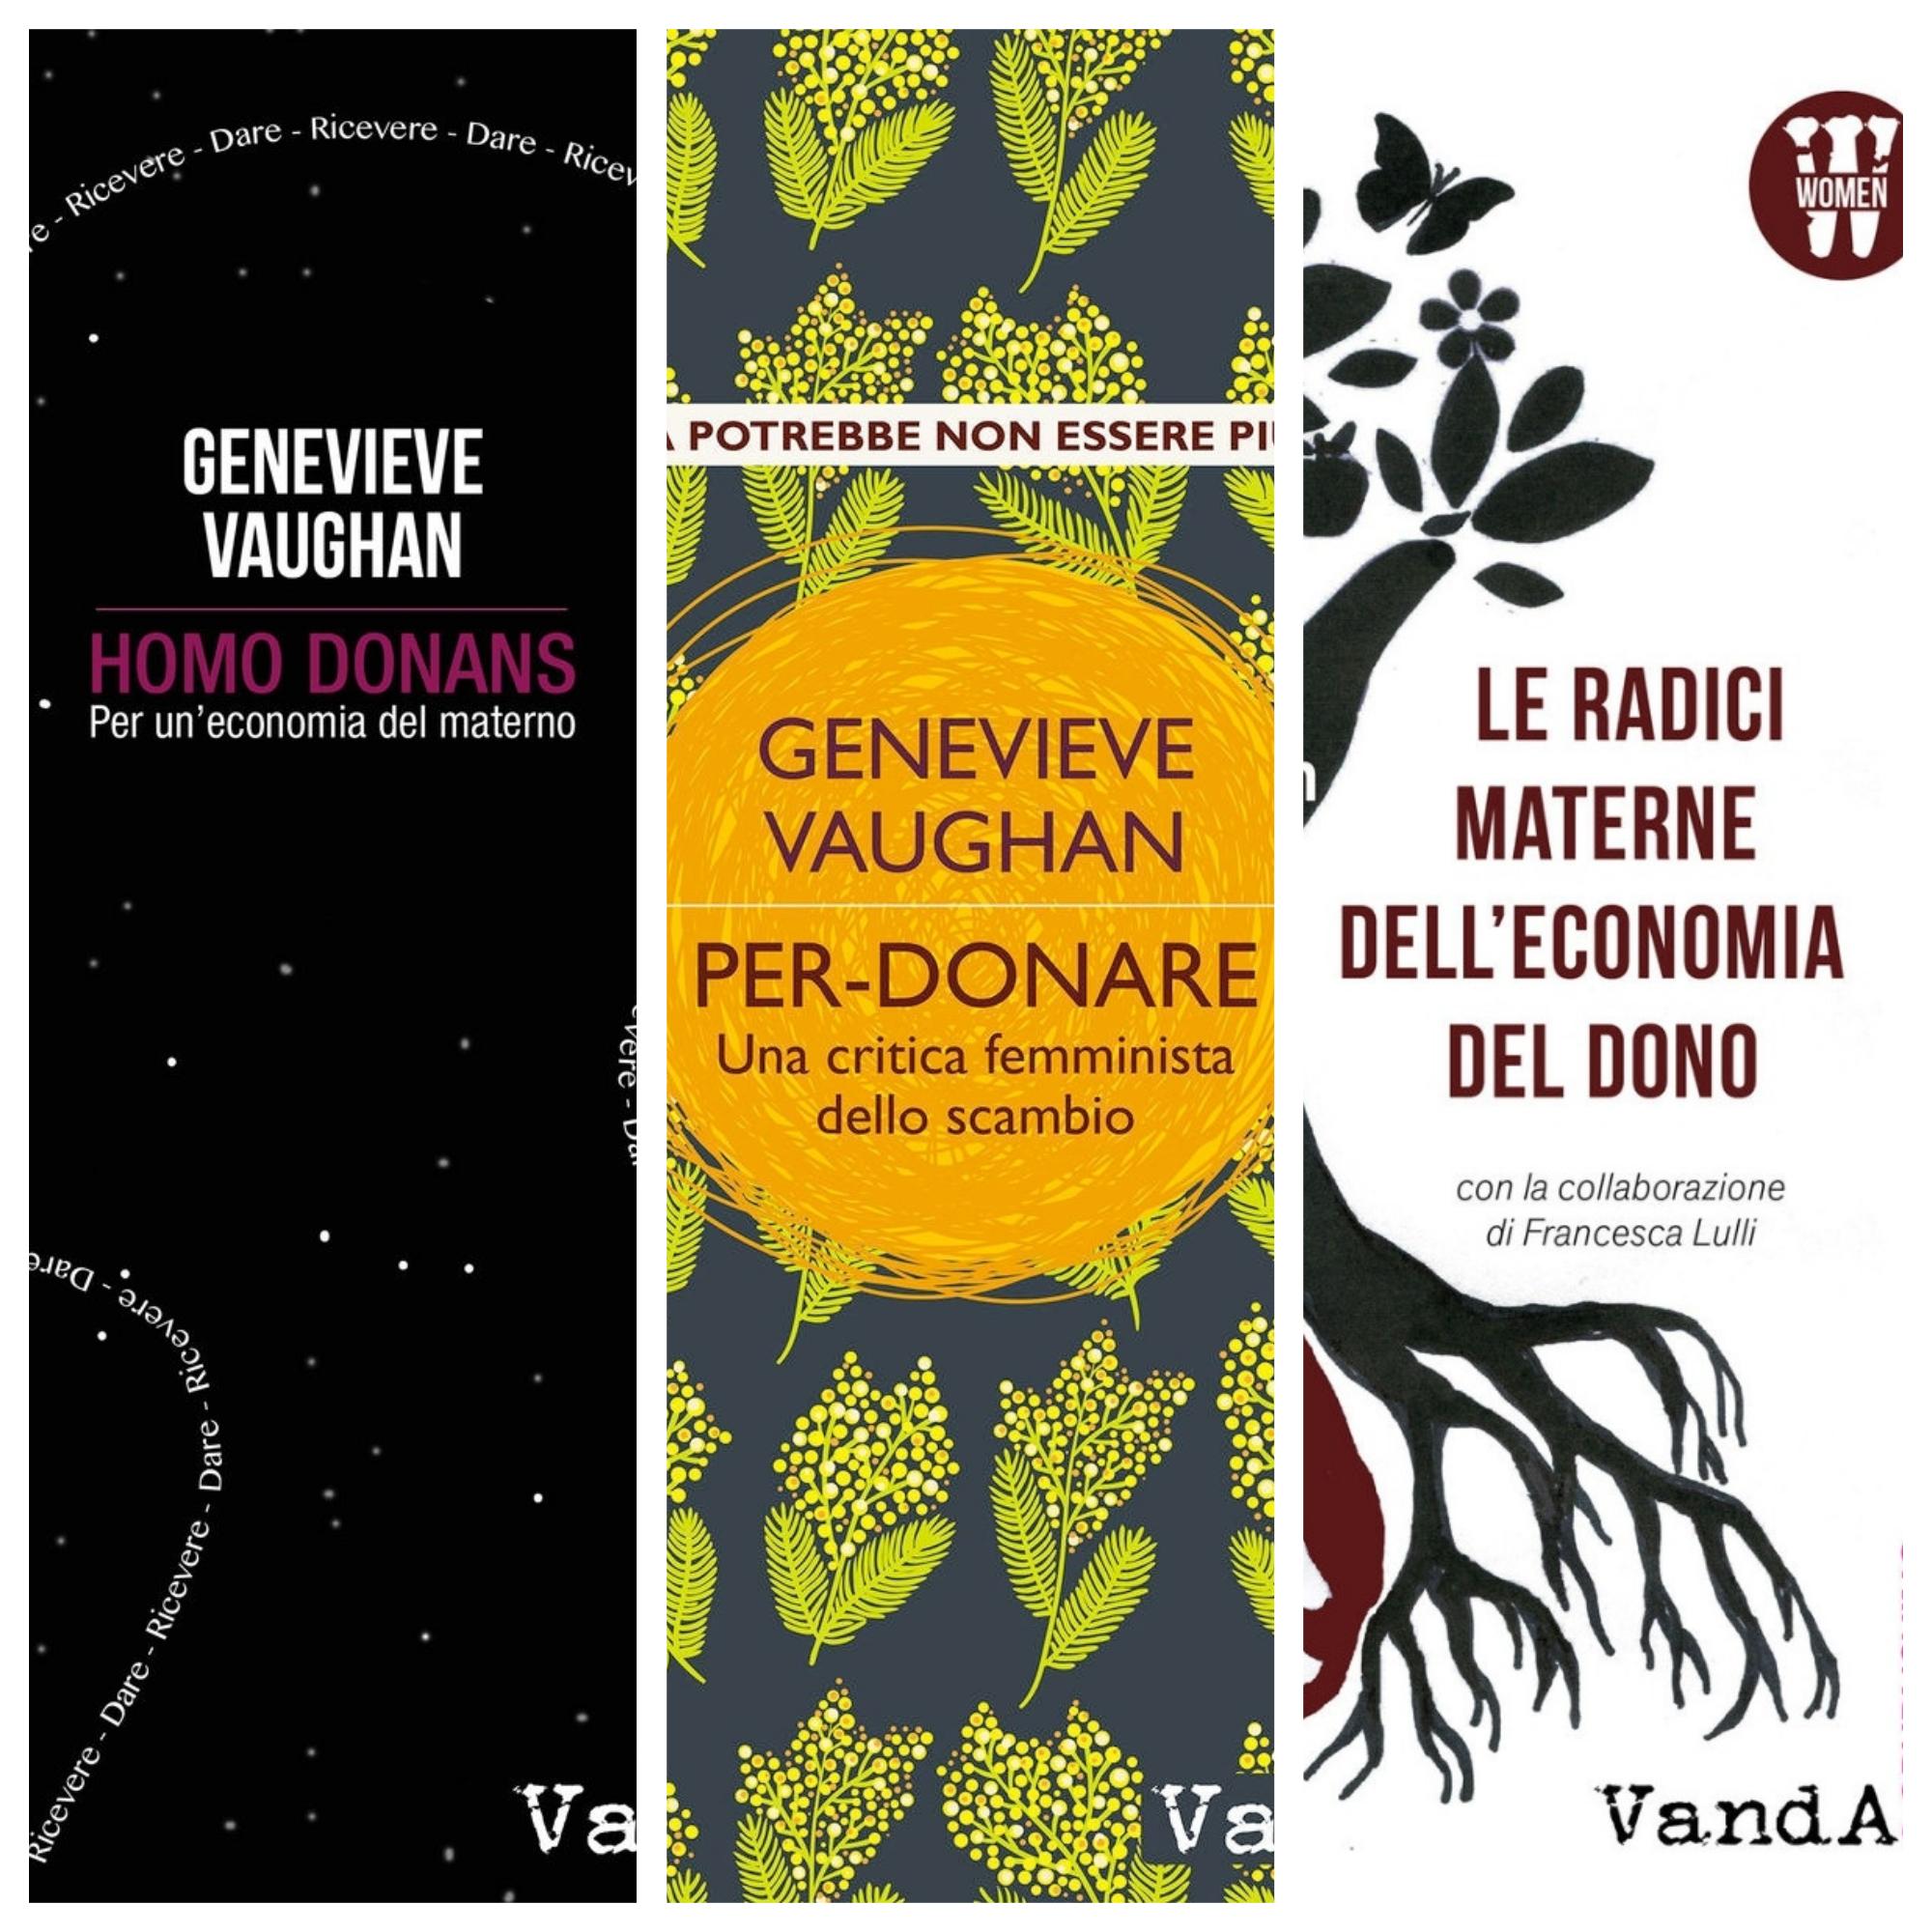 """Evento – """"L'economia del dono"""" @ Auditorium Ente Cassa di Risparmio di Firenze"""